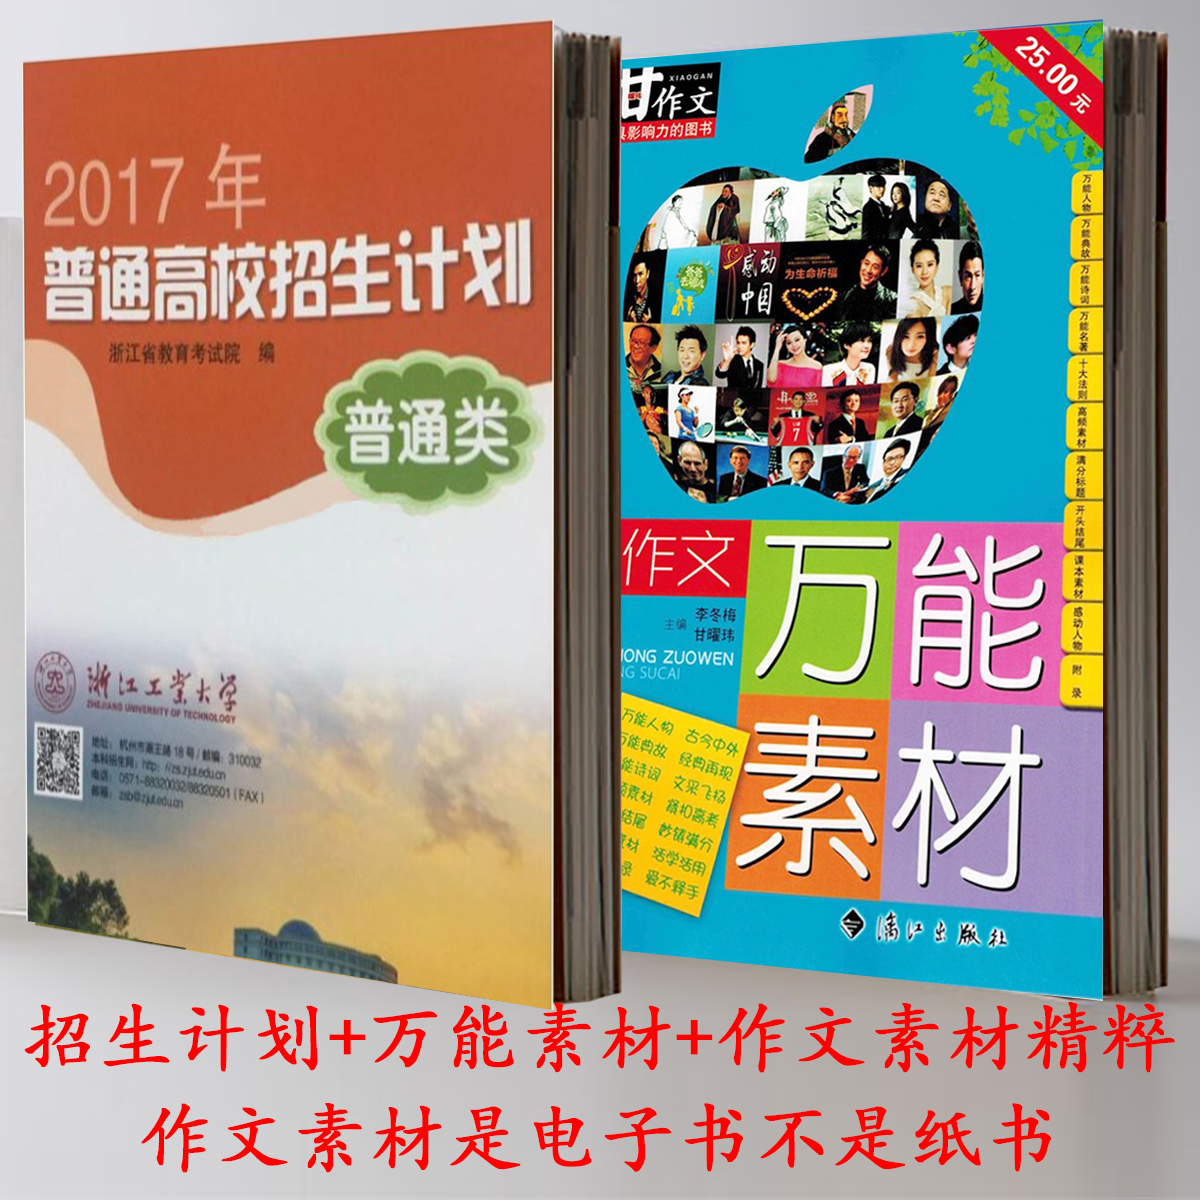 Совершенно новый чжэцзян провинция 2017 год обычный высокий школа новобранец сырье считать привлечь генерал категория сделать культура материал хорошо чистый небольшой сладкий сделать культура